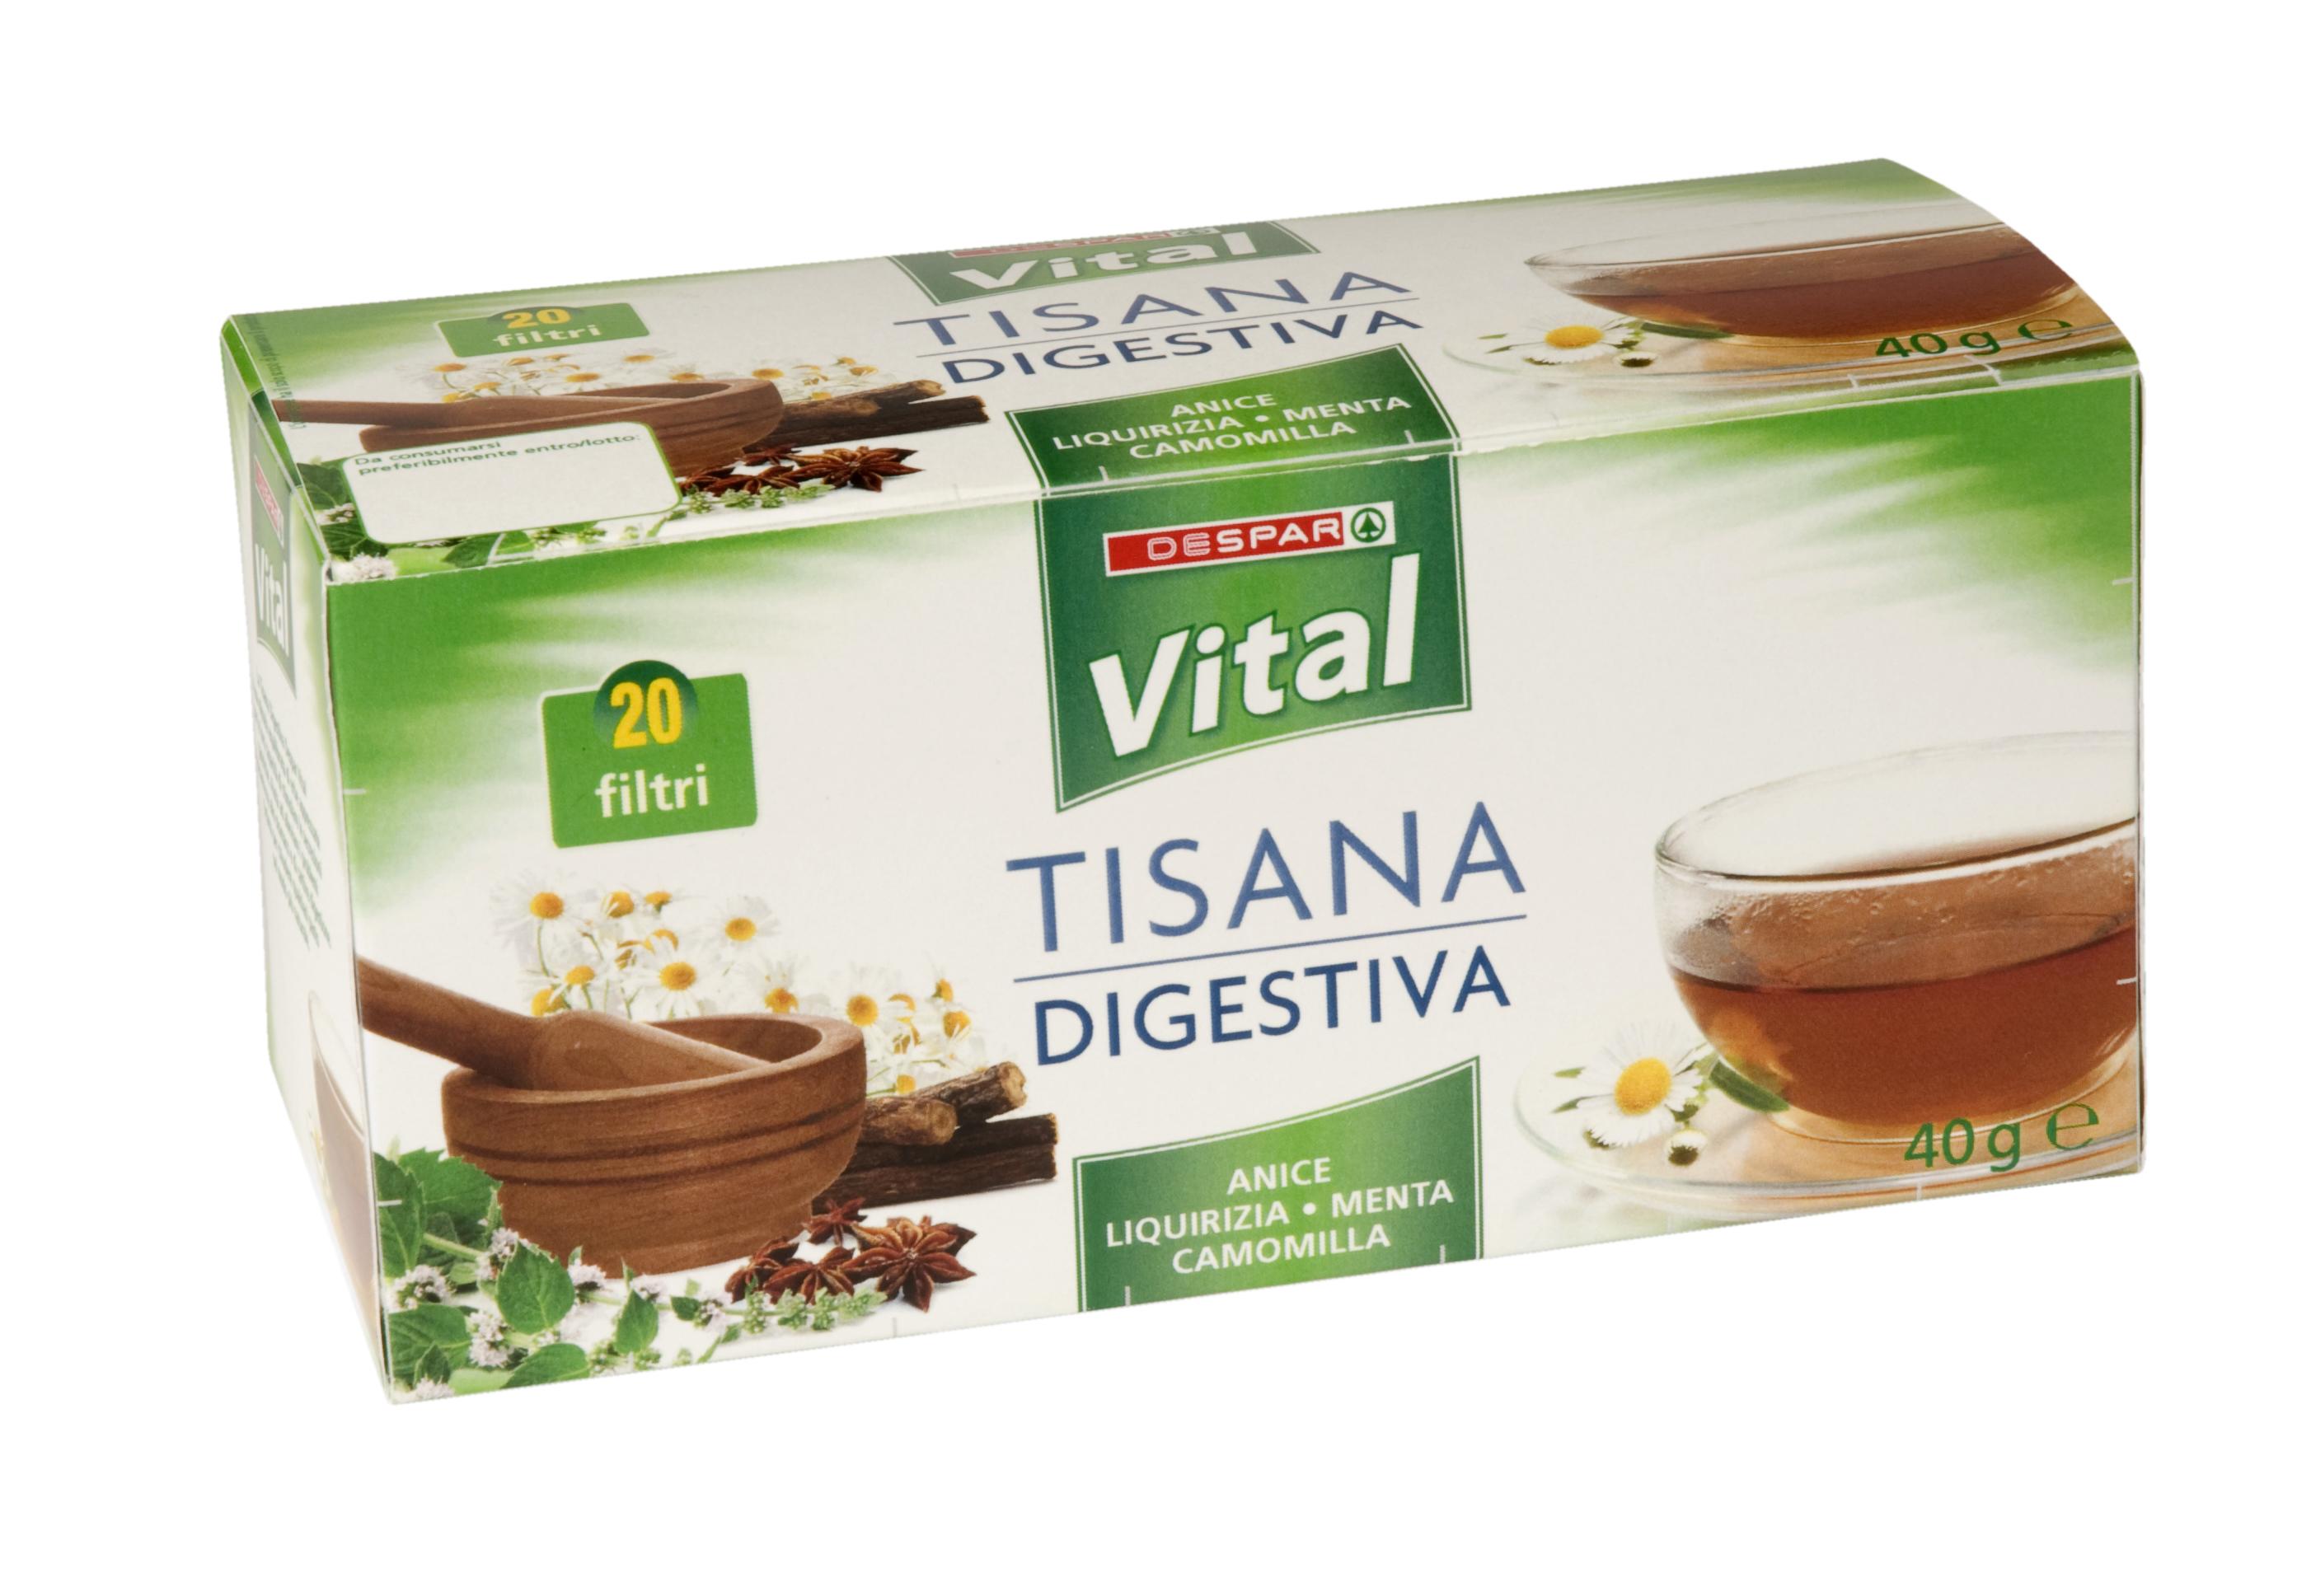 TISANA  DIGESTIVA  20F  VITAL  40g